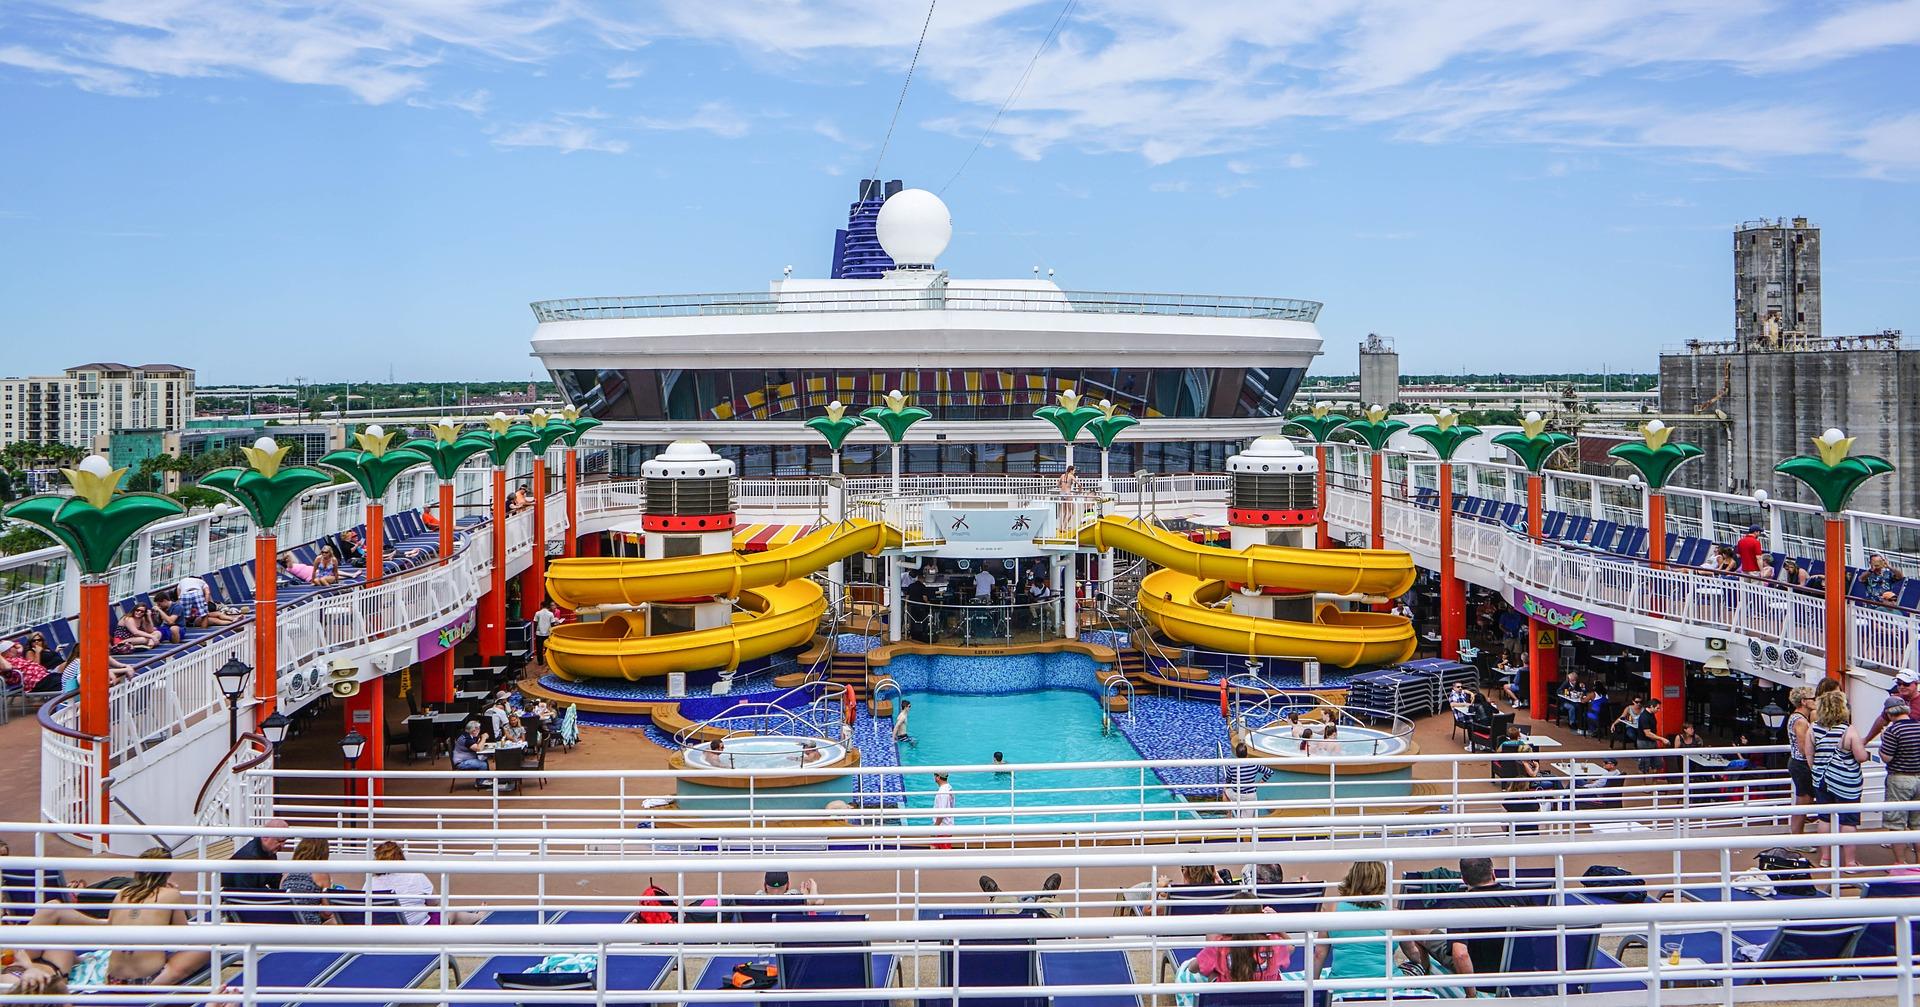 cruise-ship-1326079_1920.jpg